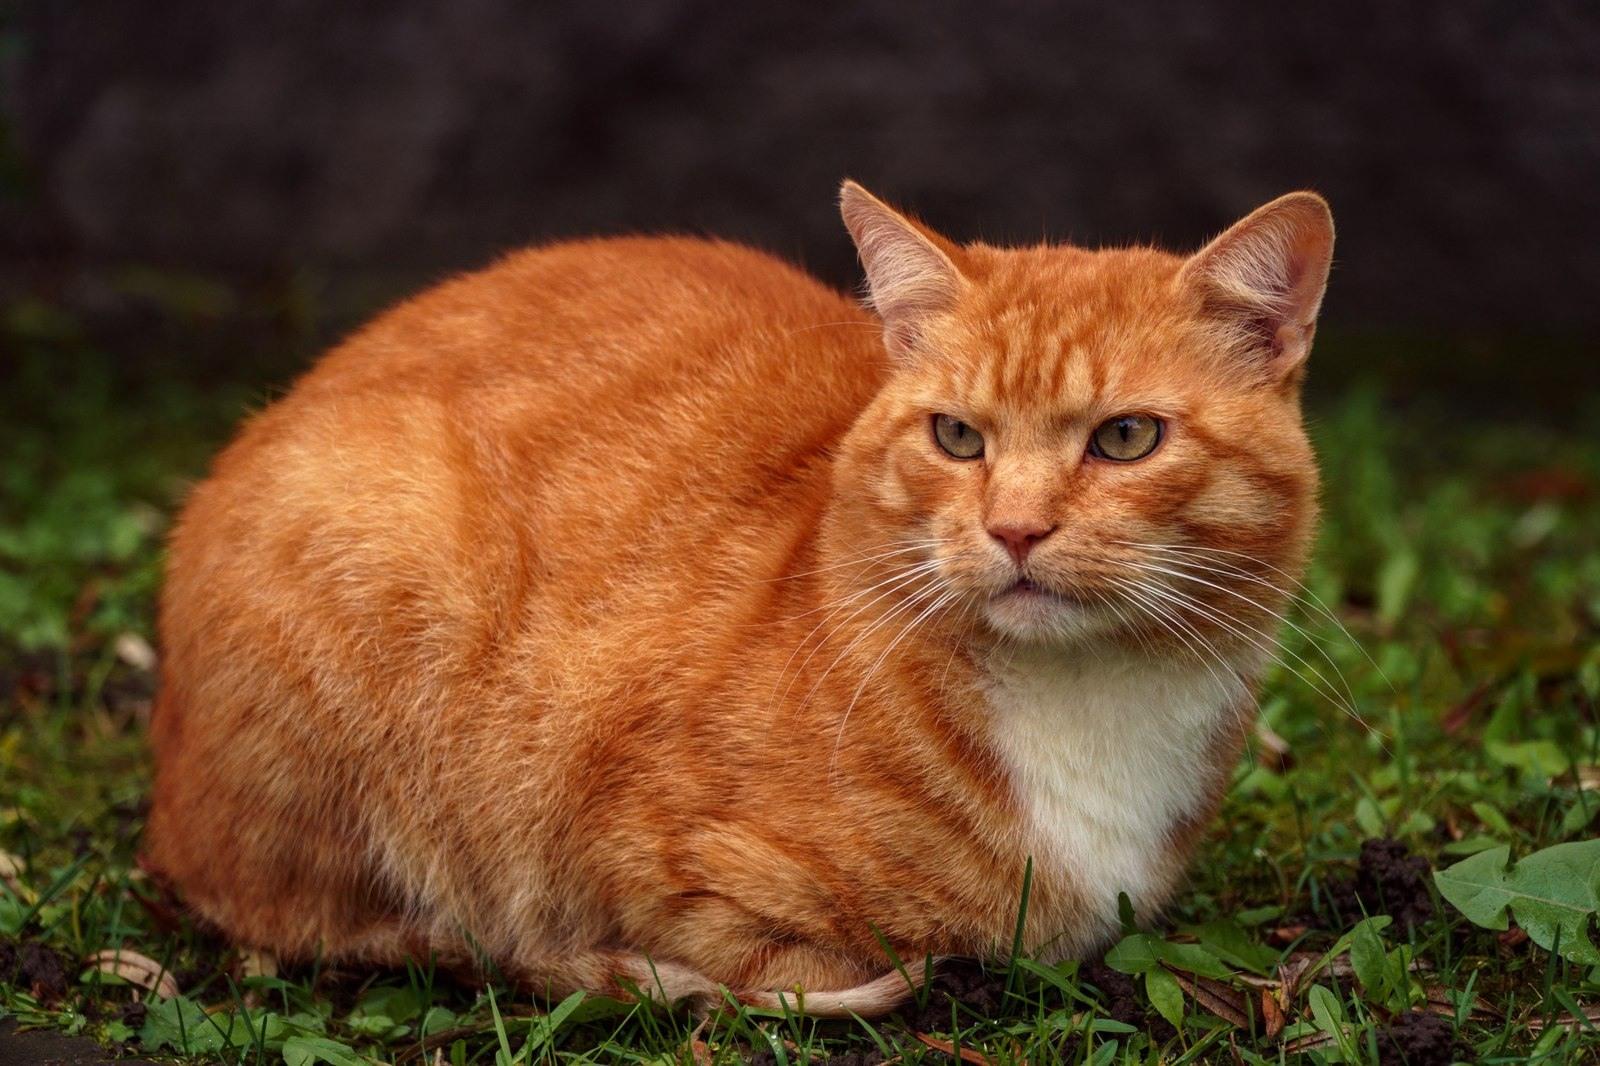 Картинки рыжих котов (25 фото) • Прикольные картинки и позитив